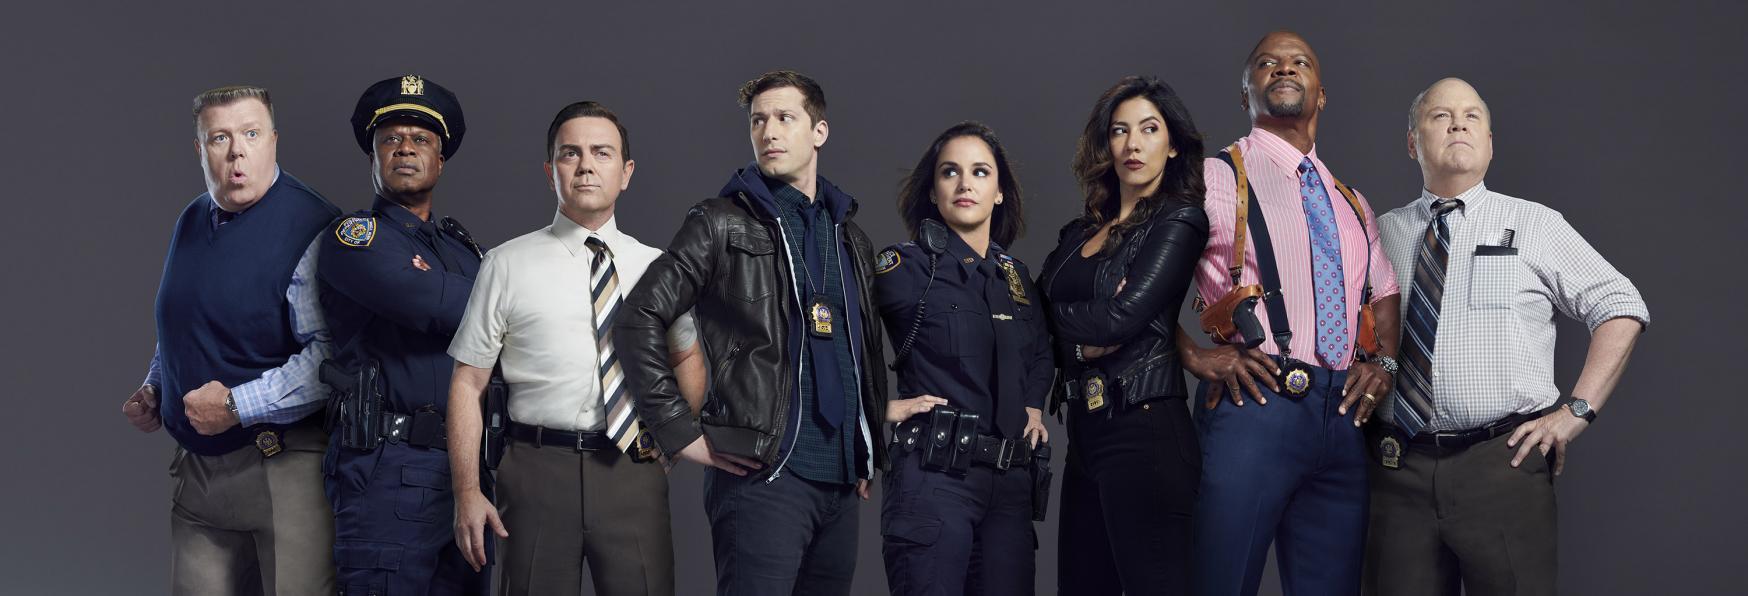 Brooklyn Nine-Nine 8: la nuova Stagione sarà quella Finale per l'amata Serie TV